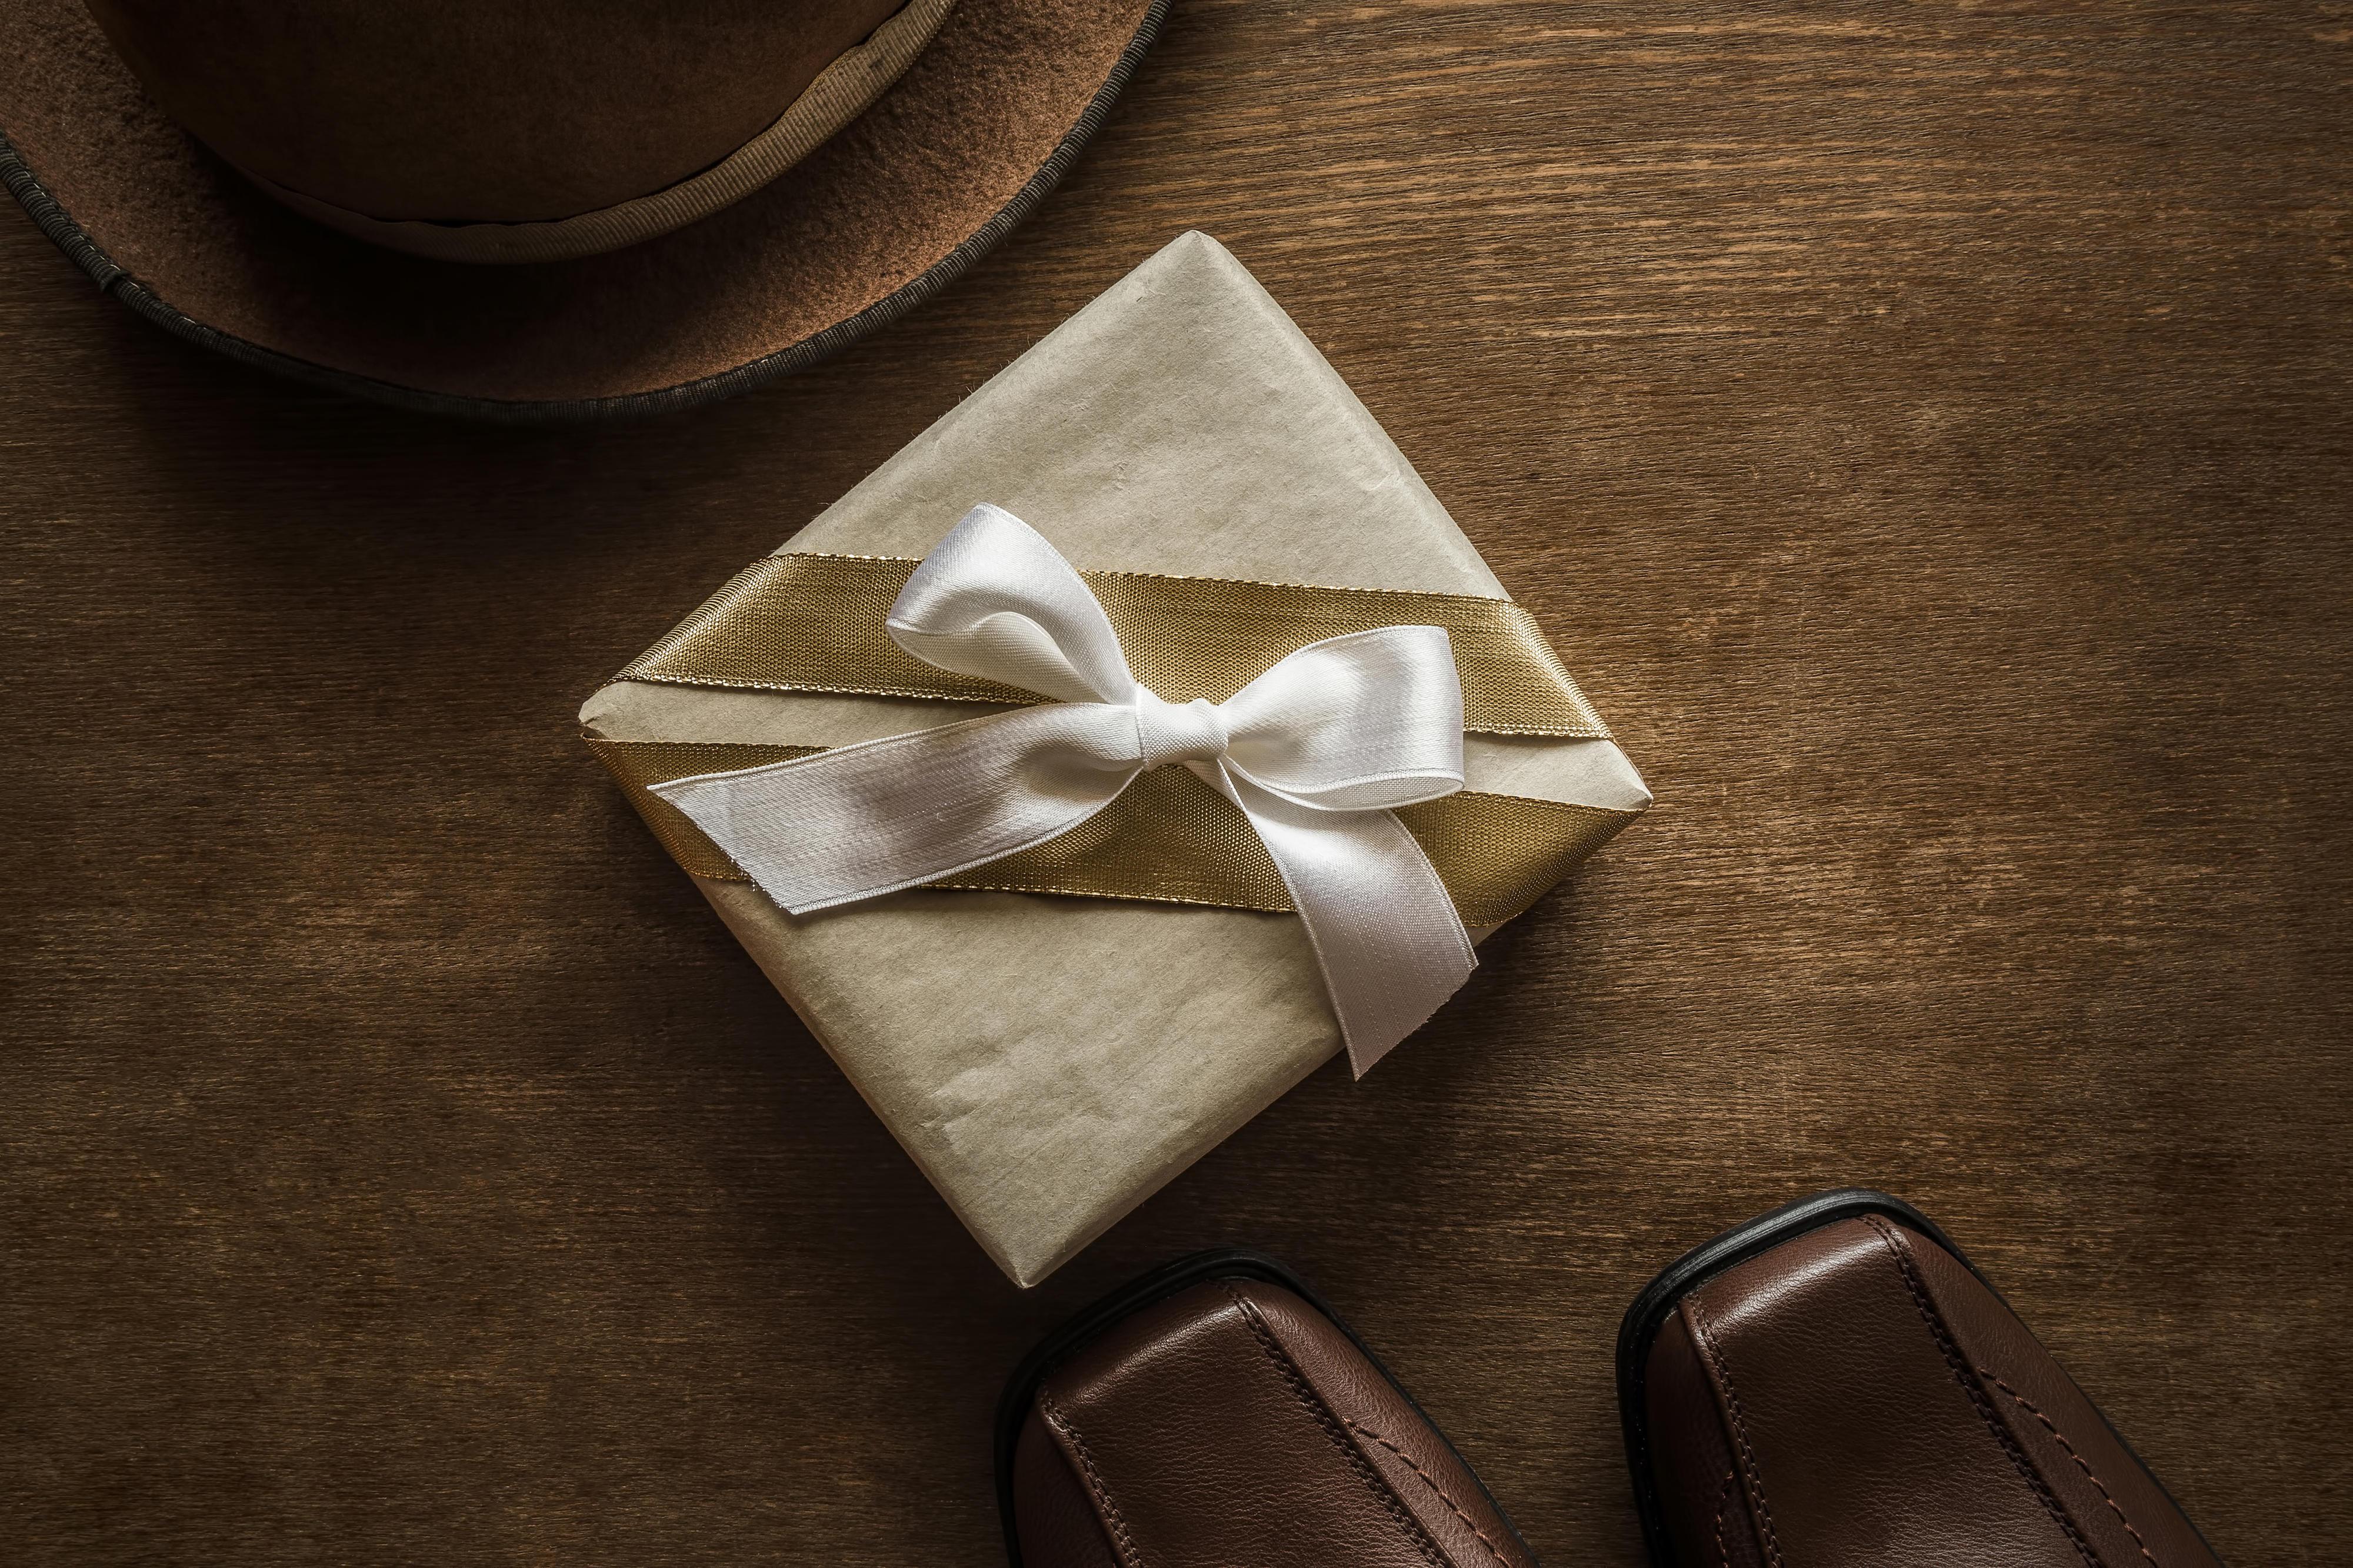 Kanada: Mann öffnet Weihnachtsgeschenk nach 48 Jahren | BRIGITTE.de